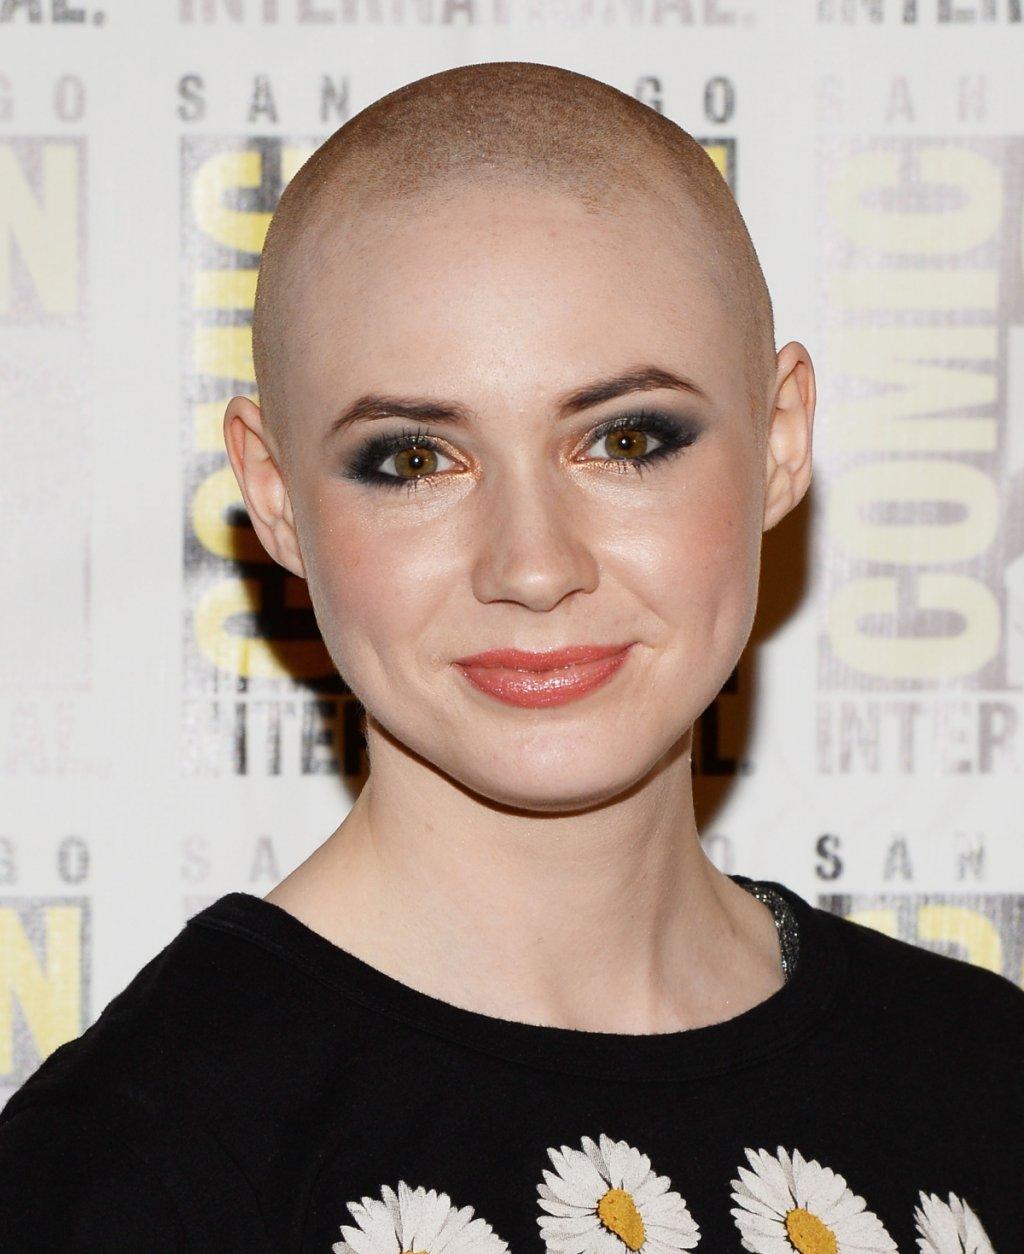 """Бръсне главата си, а след това носи собствената си коса като перука  Изкуството изисква жертви и Карън трябва да обръсне главата си за ролята на Небюла. По това време ѝ предстои участие и в комедийния сериал Selfie, а там героинята ѝ трябва да е с коса. Ето защо екипът зад """"Пазителите на галактиката"""" внимателно събира кичурите на Гилън и ѝ сглобява перука от собствената ѝ коса, която тя после носи по време на снимките на сериала."""